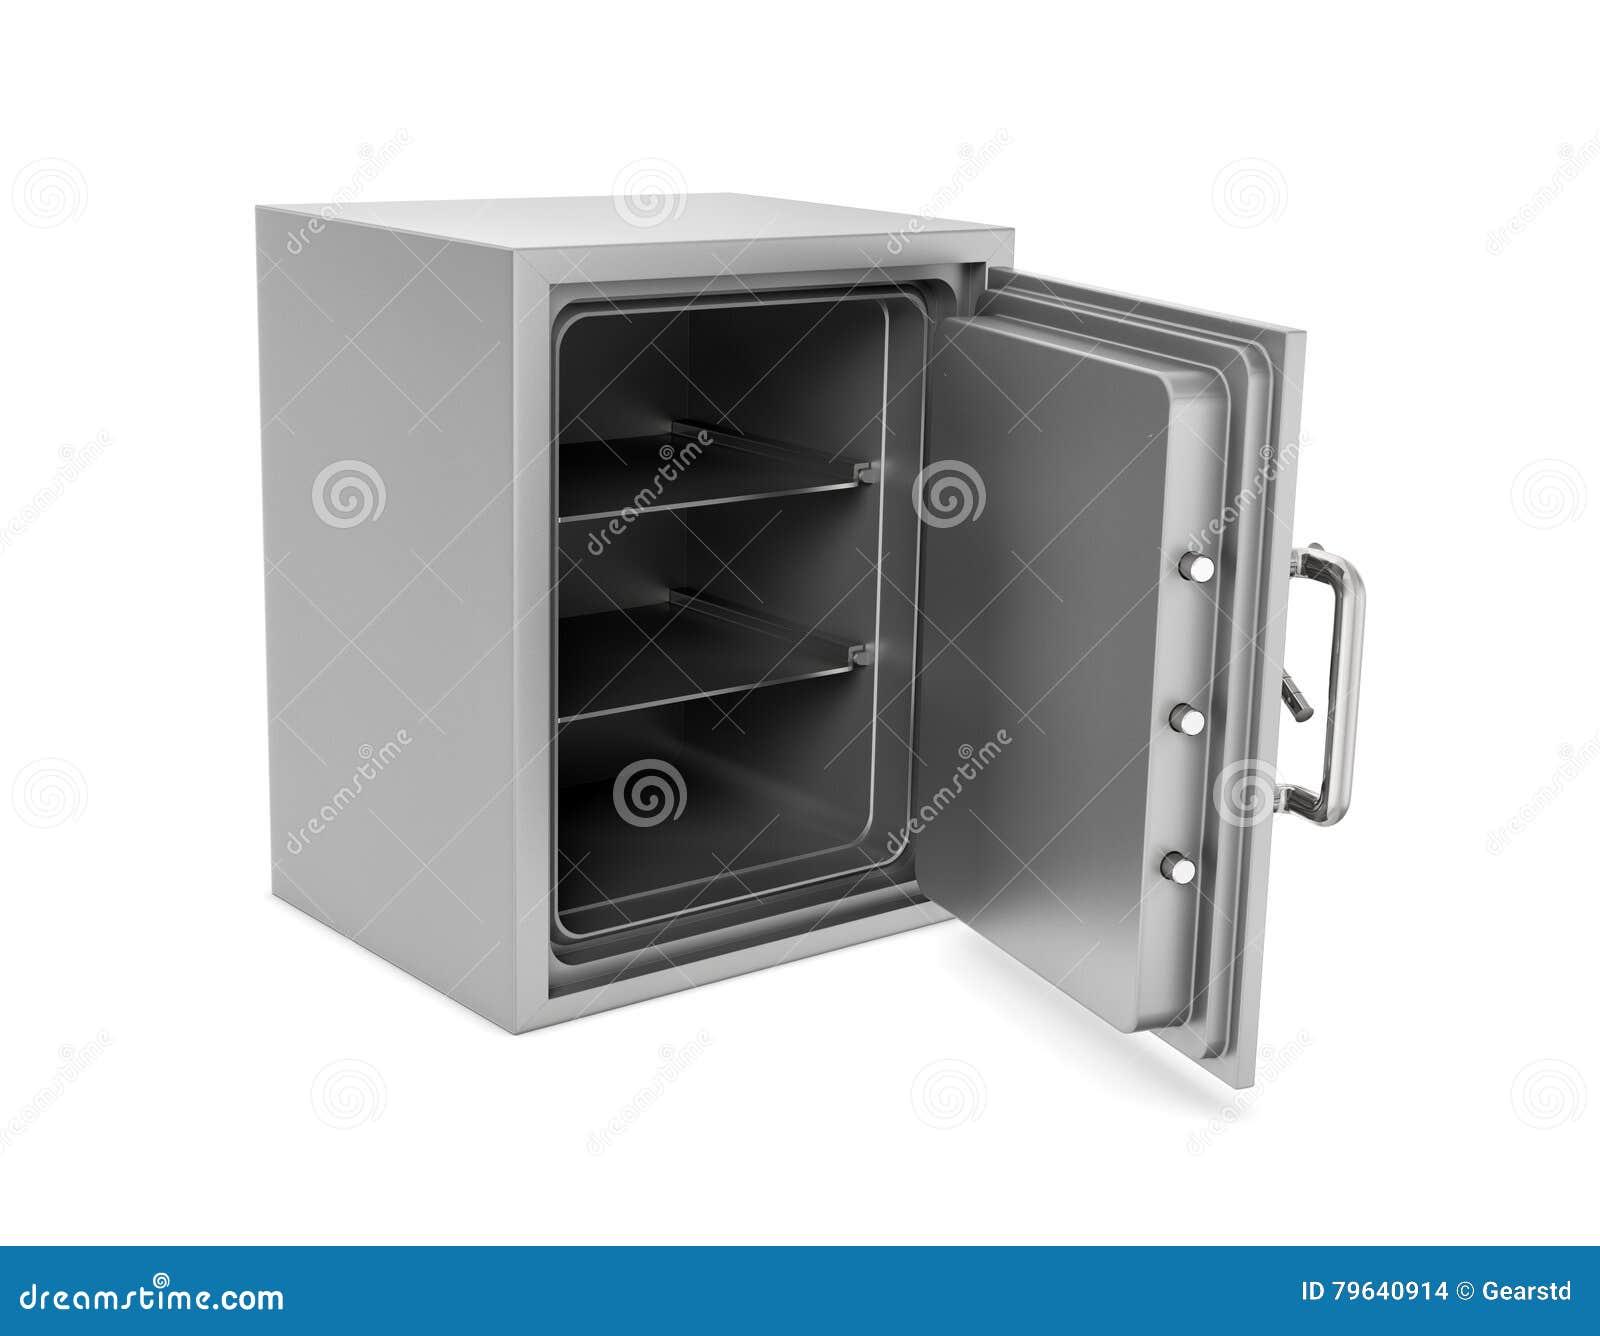 Representación de la caja segura abierta con su puerta rota aislada en el fondo blanco